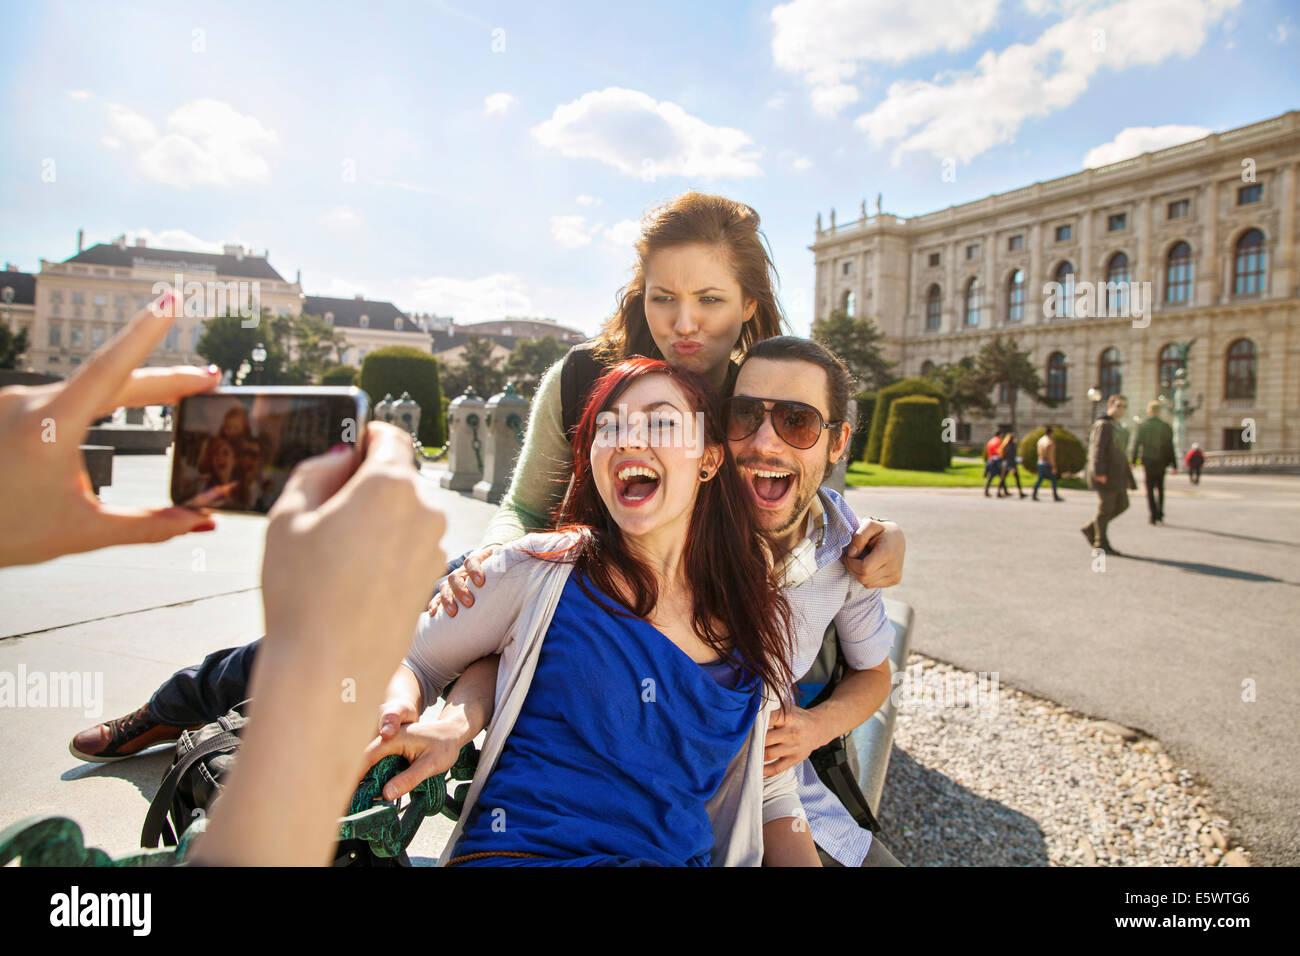 Junge Frau unter Bild von Freunden Stockbild